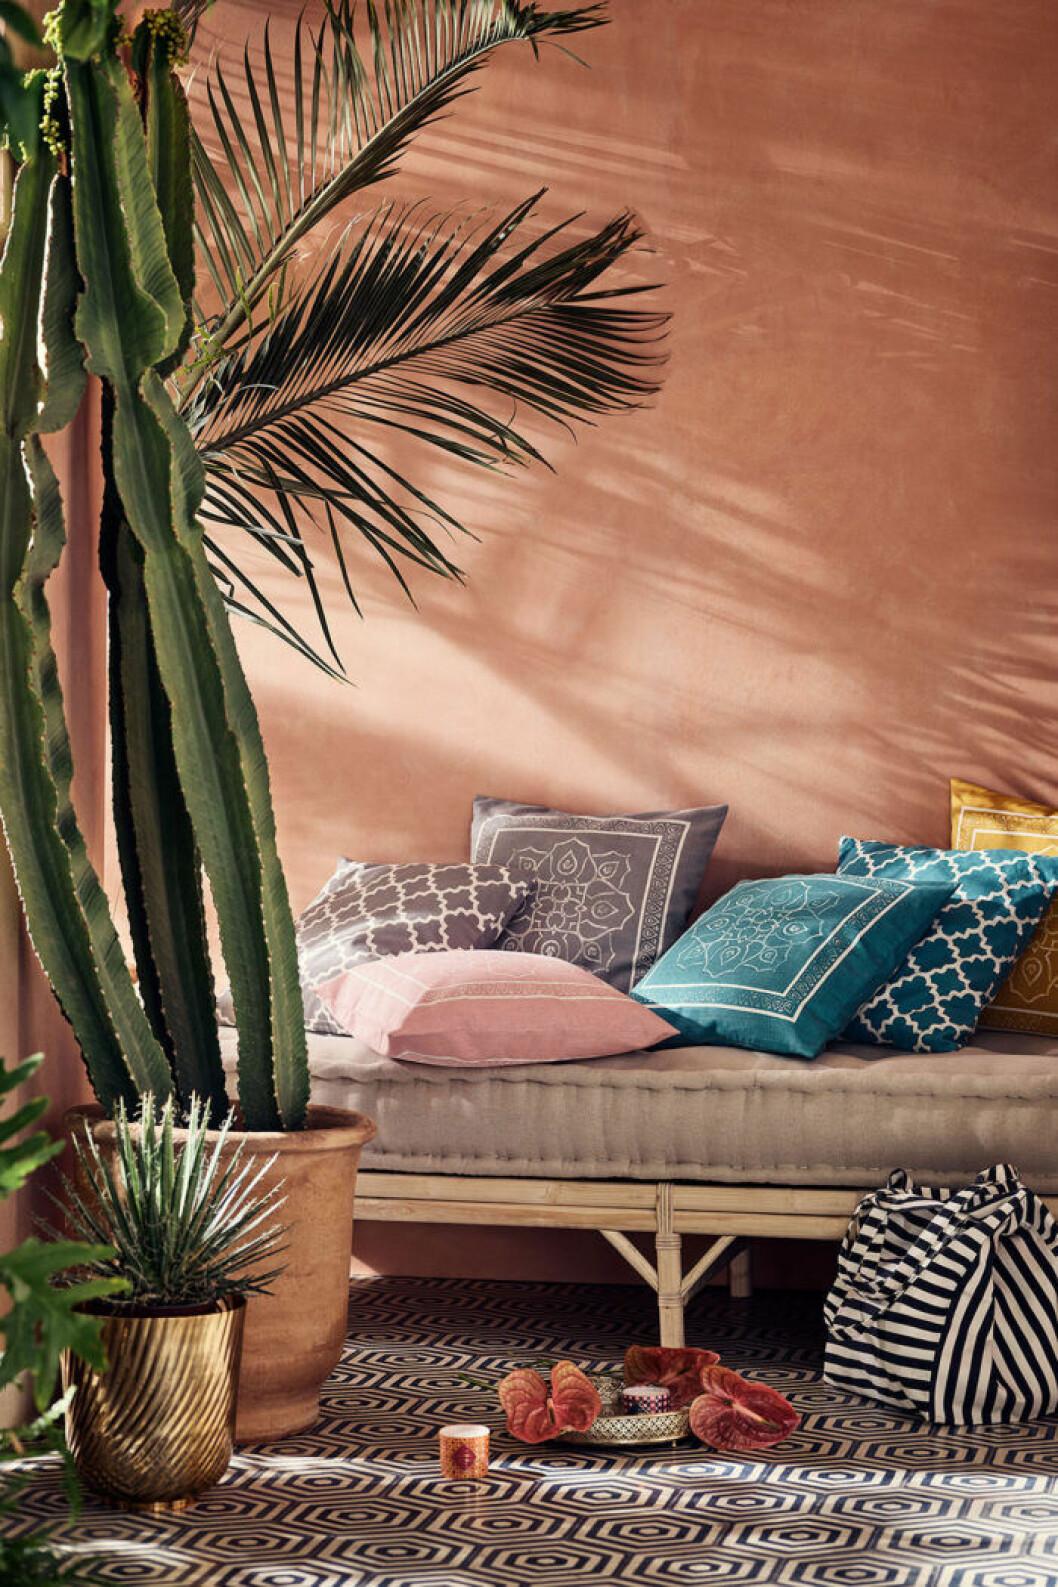 Textilier skapar en lyxig känsla på balkongen